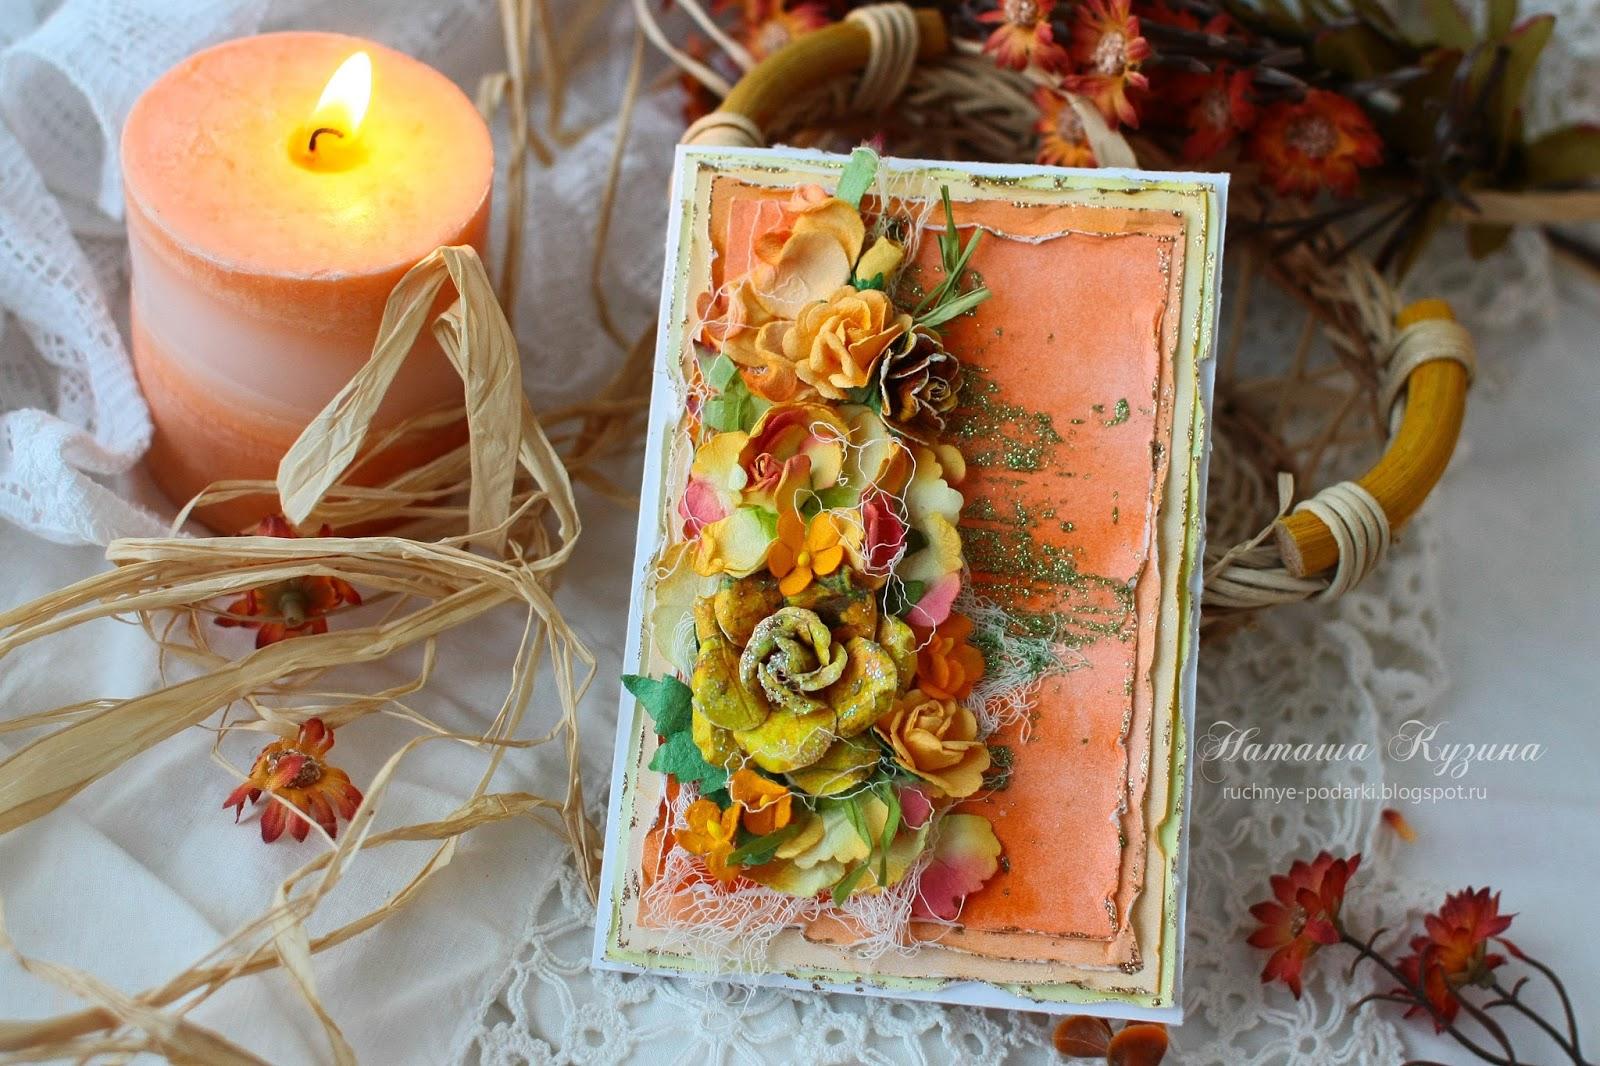 акварельная открытка Наташи Кузиной, осенняя открытка, градиент